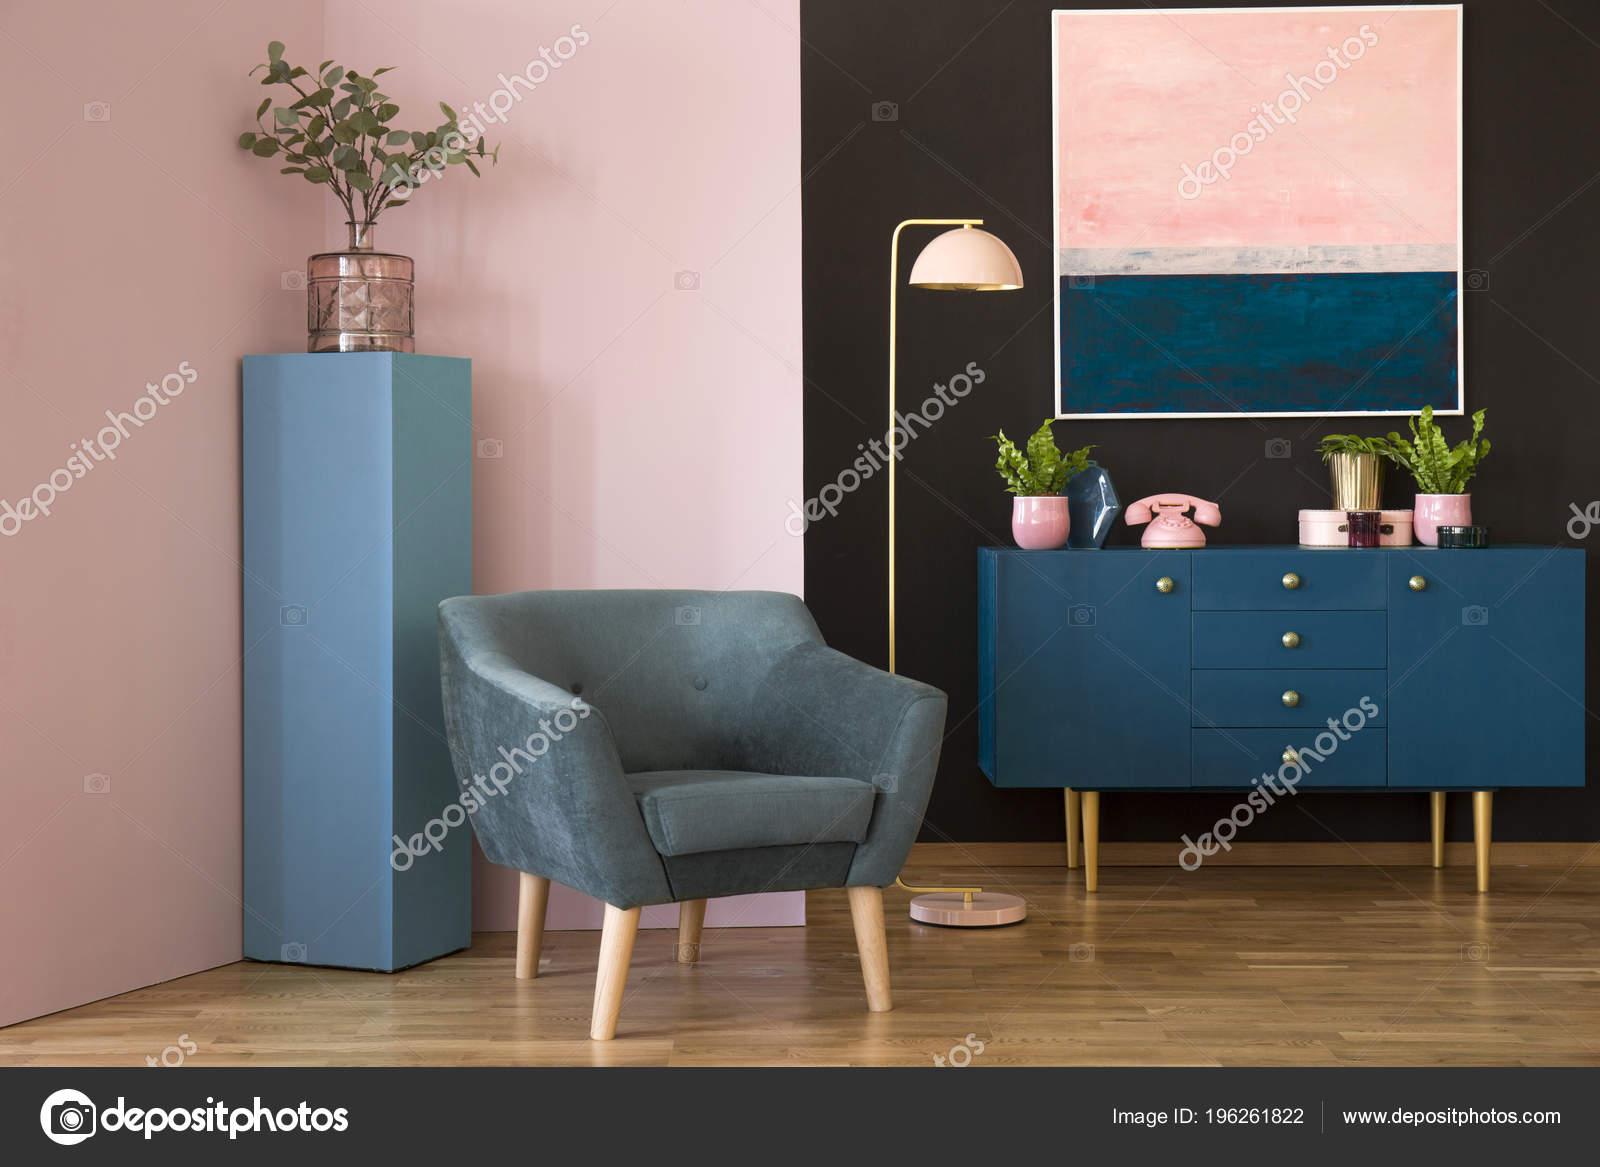 https://st4.depositphotos.com/2249091/19626/i/1600/depositphotos_196261822-stockafbeelding-blauwe-suede-fauteuil-tegen-roze.jpg